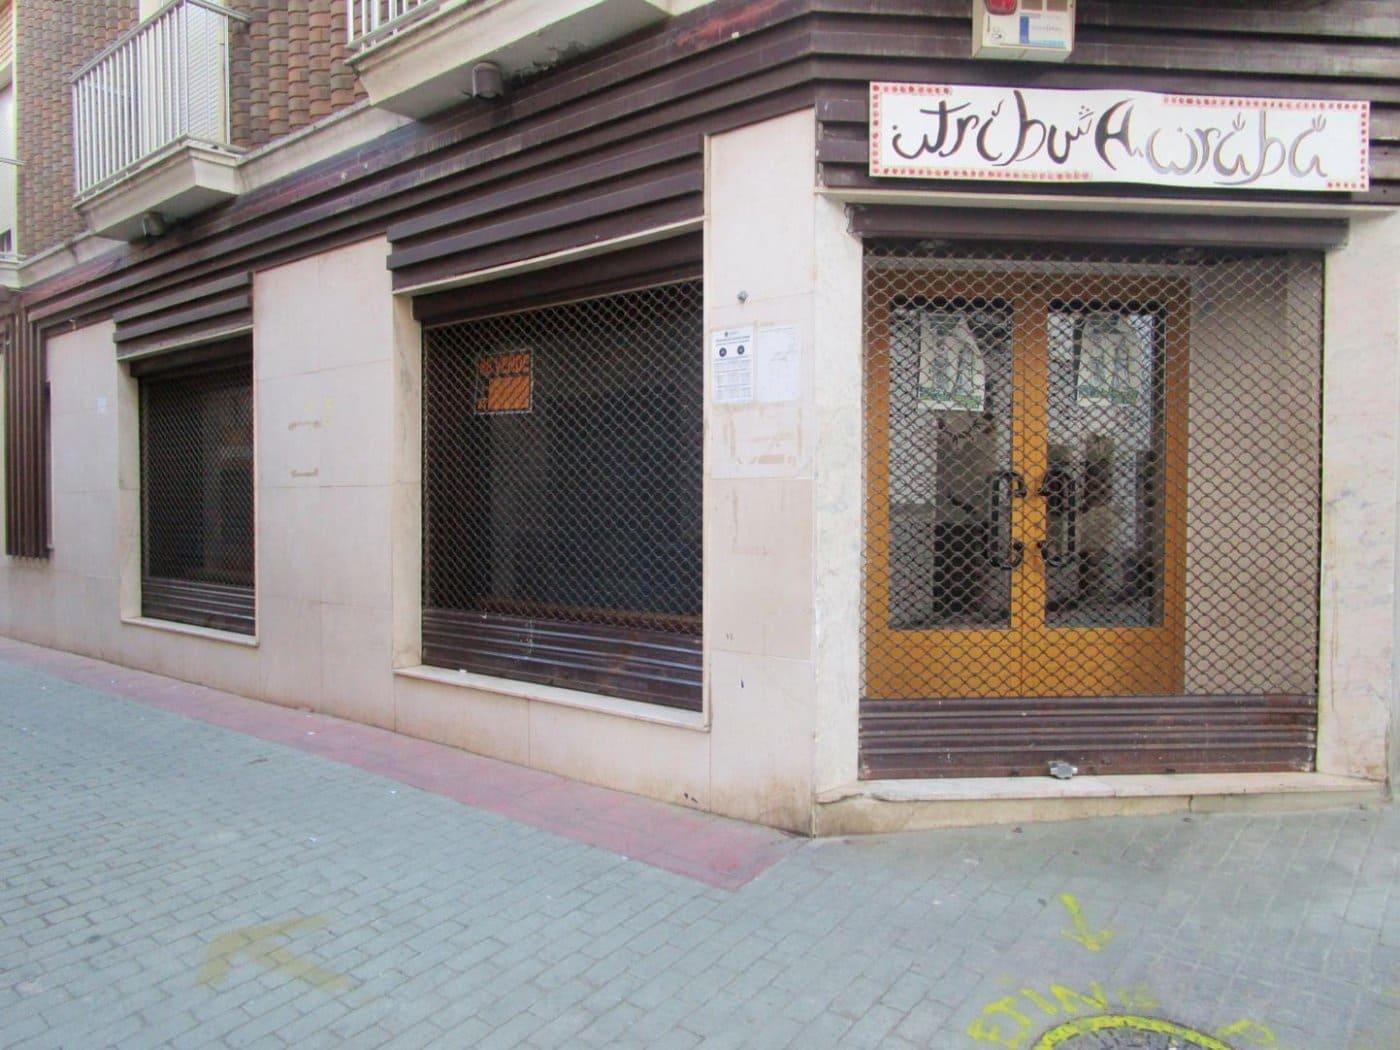 Local Comercial en Vallada en venta - 80.000 € (Ref: 4577772)